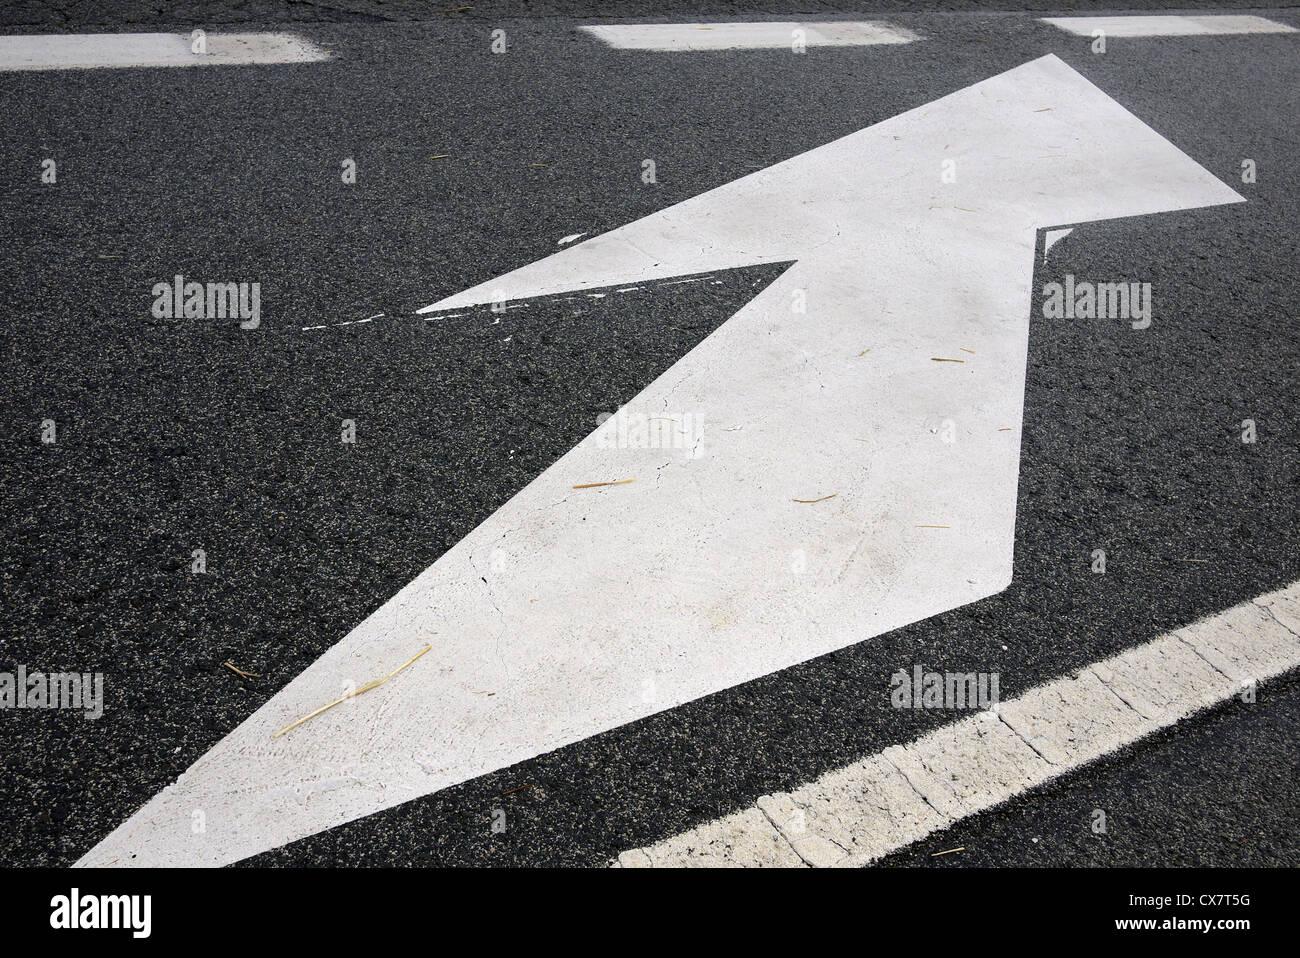 Weißer Pfeil auf einer Straße gemalt. Stockbild